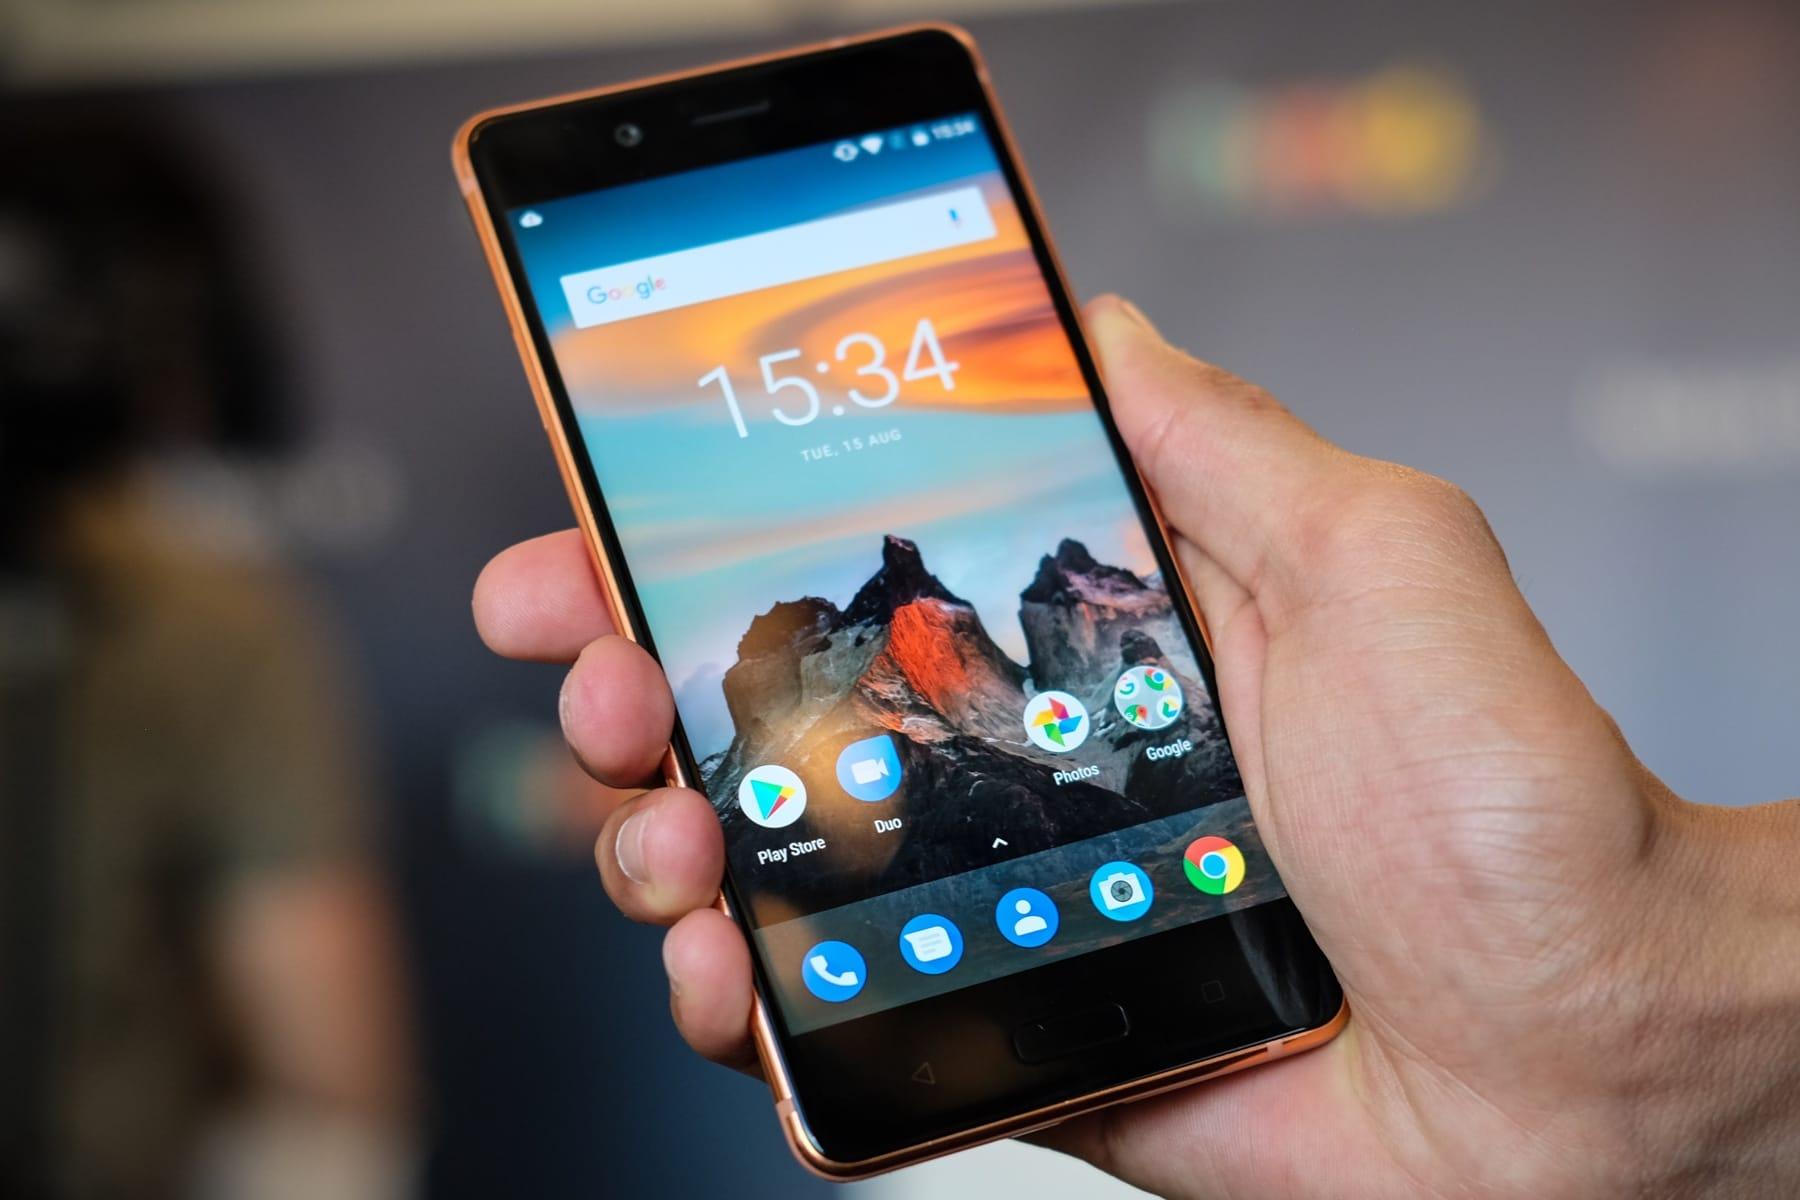 Эксперты назвали самый надежный бренд Android-смартфонов, и это не Xiaomi